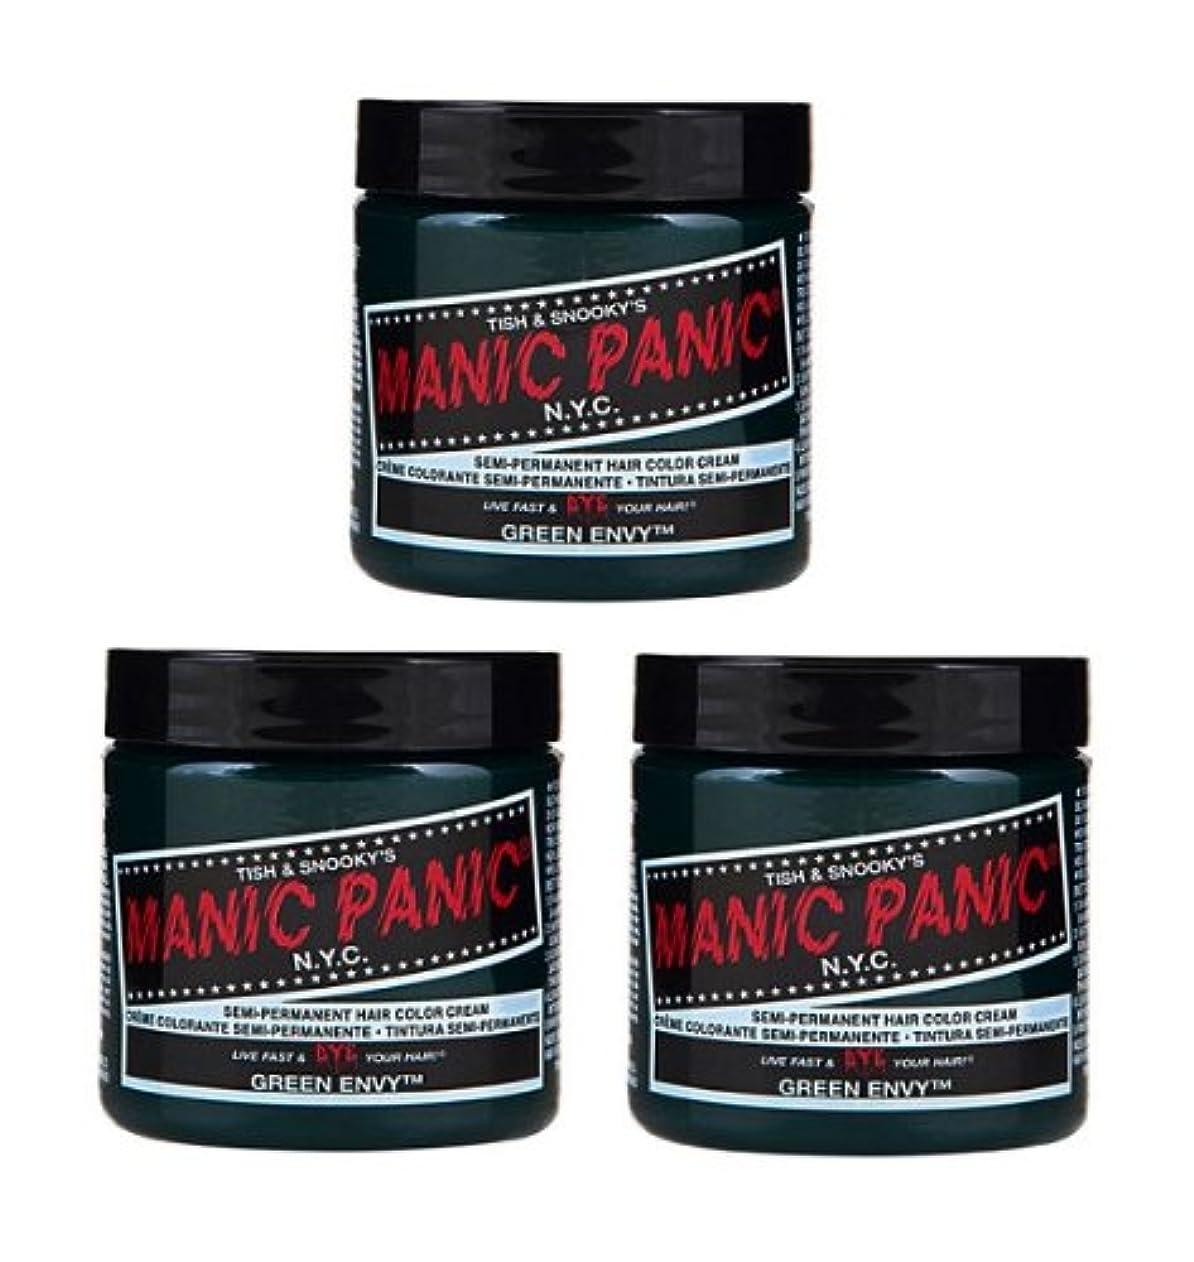 スキム忘れるリー【3個セット】MANIC PANIC マニックパニック Green Envy グリーンエンヴィ 118ml